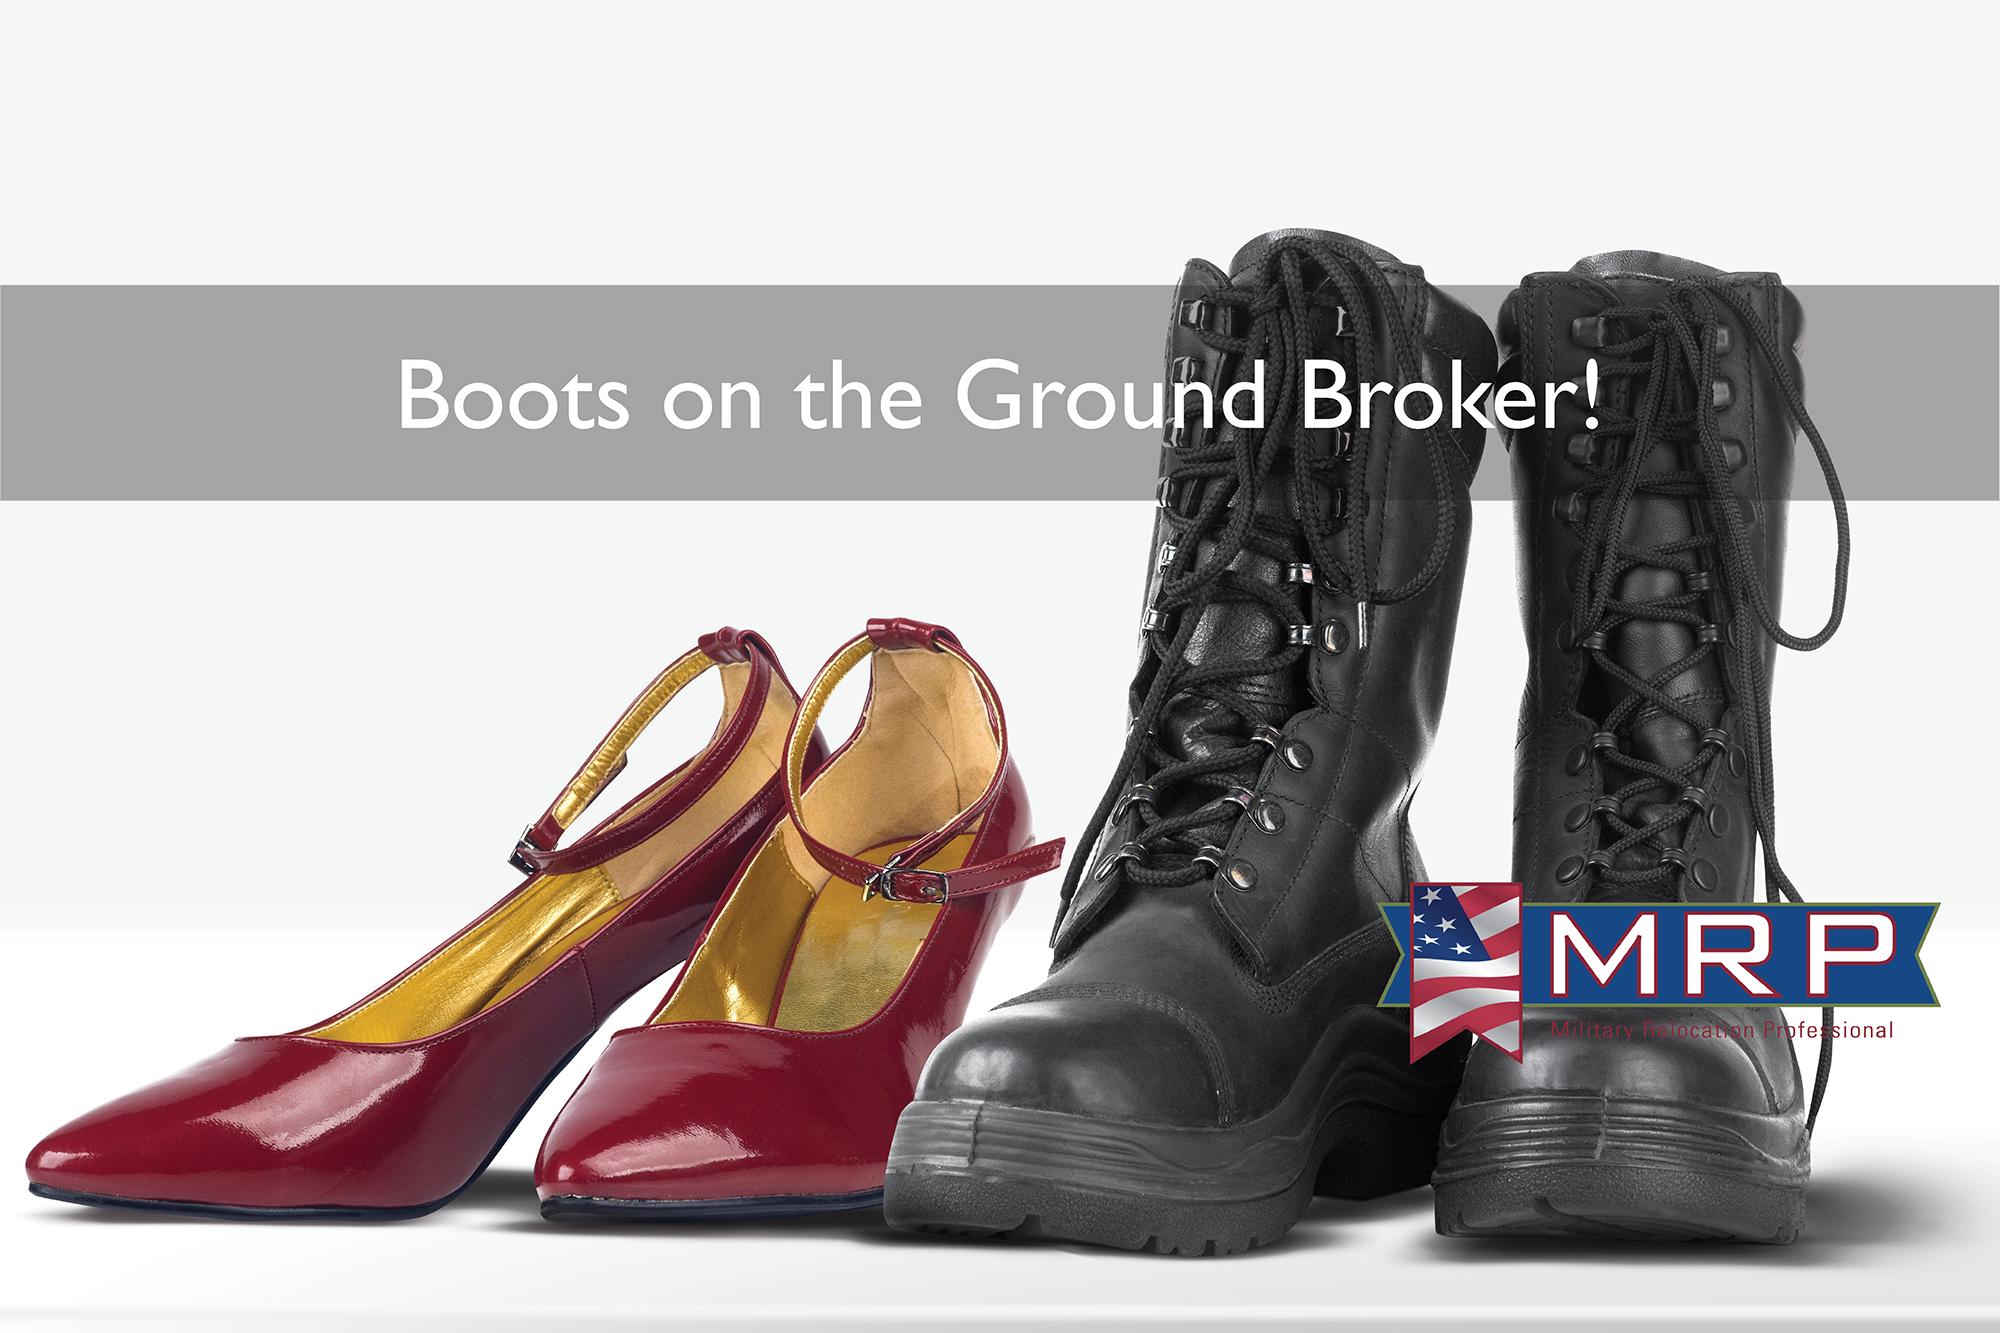 Boots on the Ground Broker MMK Realty Michelle Williams Northern Virginia Real Estate loudoun fairfax arlington alexandria